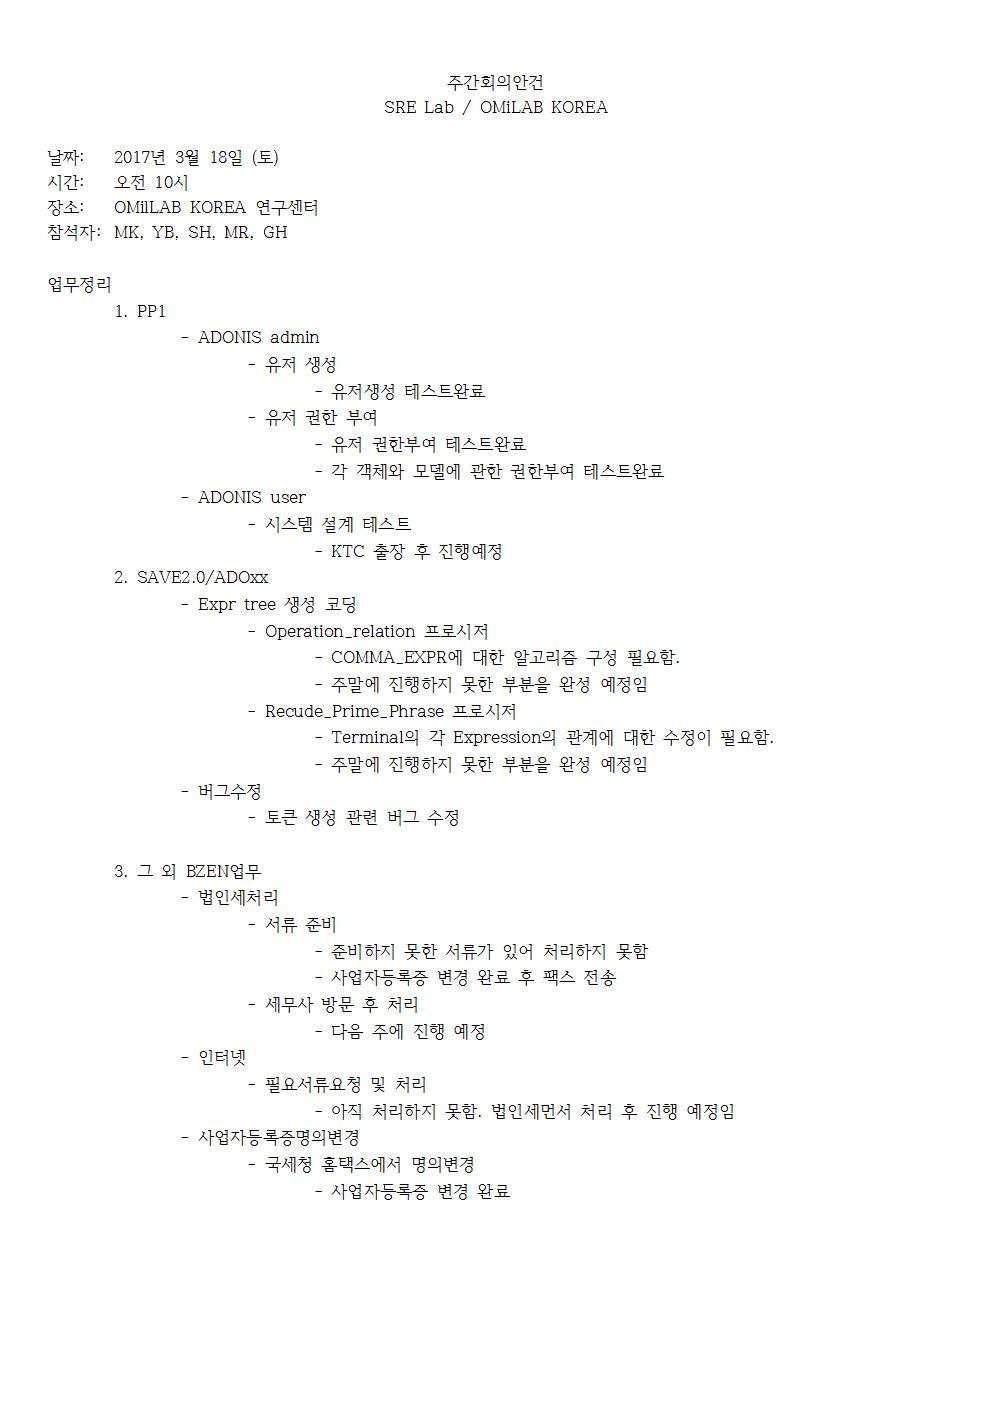 6-토-2017-03-18-PLAN(SH)001.jpg